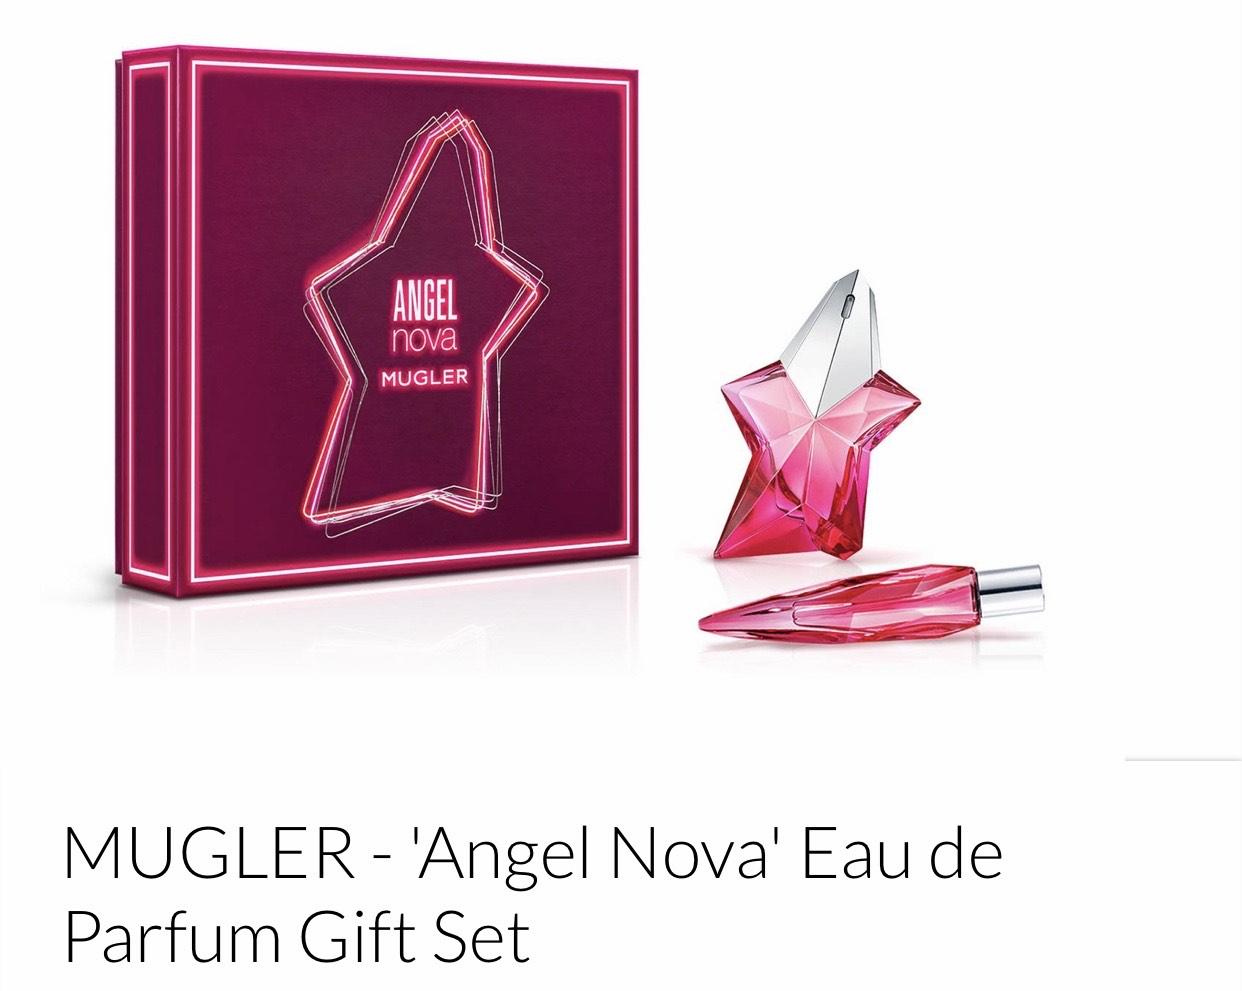 MUGLER - 'Angel Nova' Eau de Parfum Gift Set - £35.32 @ Debenhams